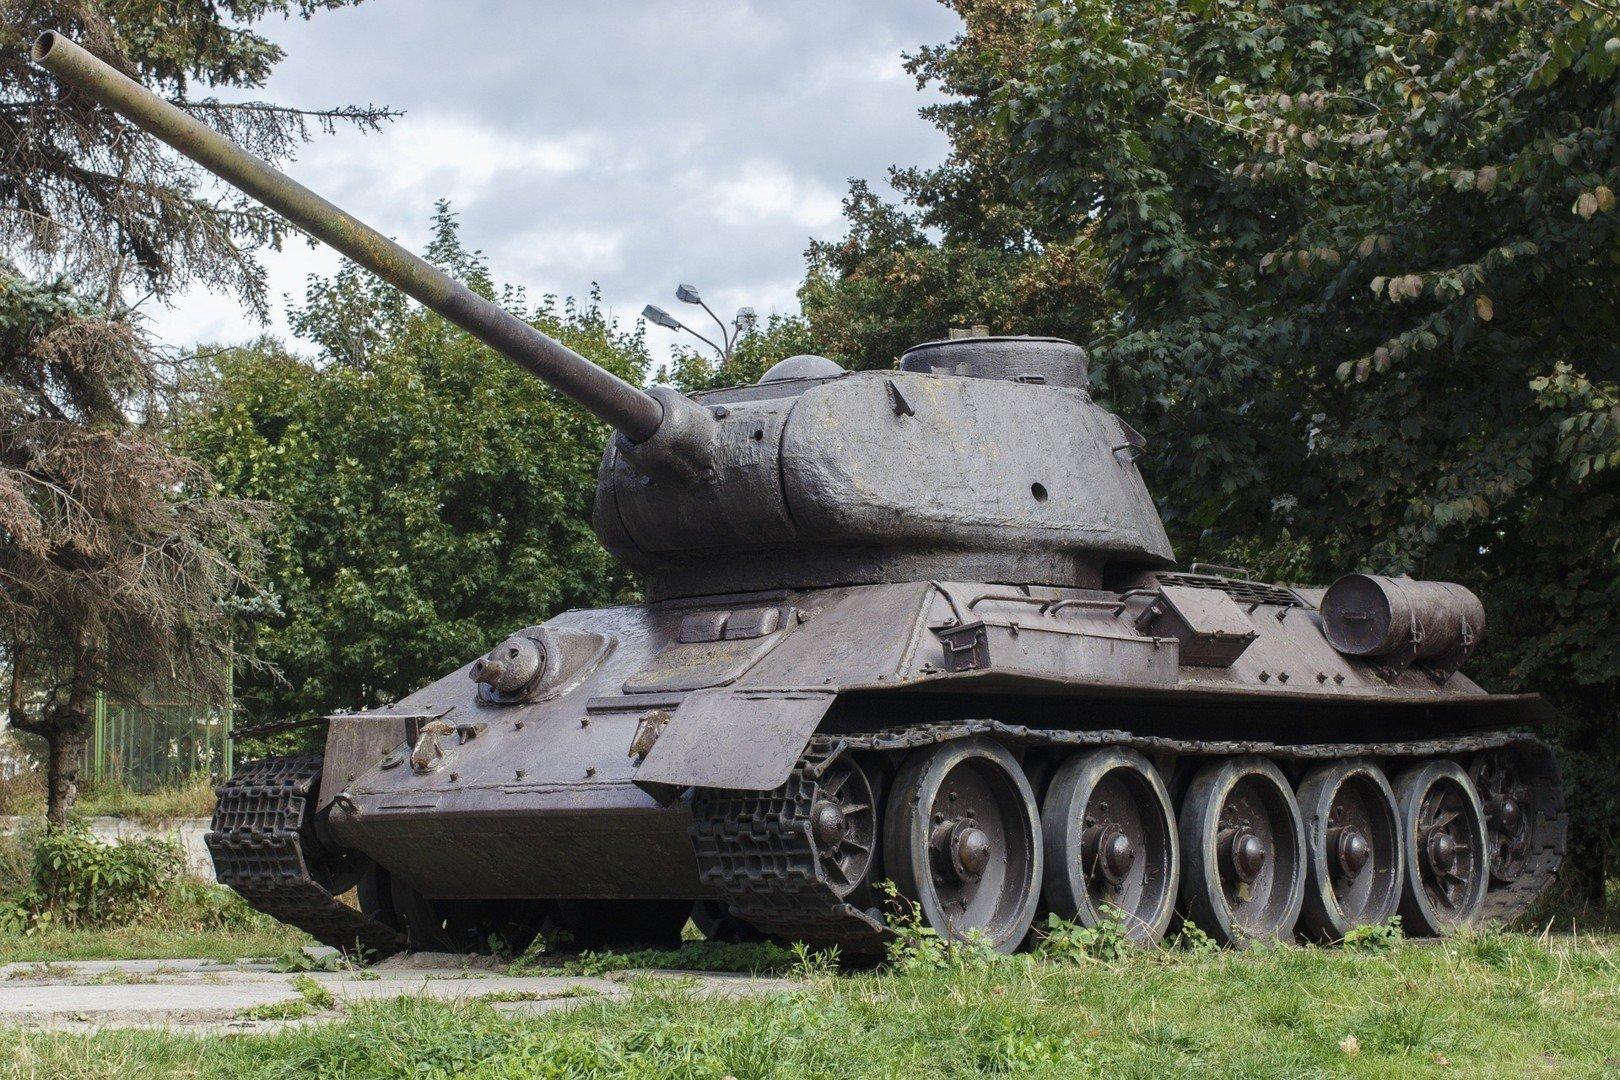 Германские  СМИ назвали танк Т-34 «смертоносным сюрпризом» для Вермахта